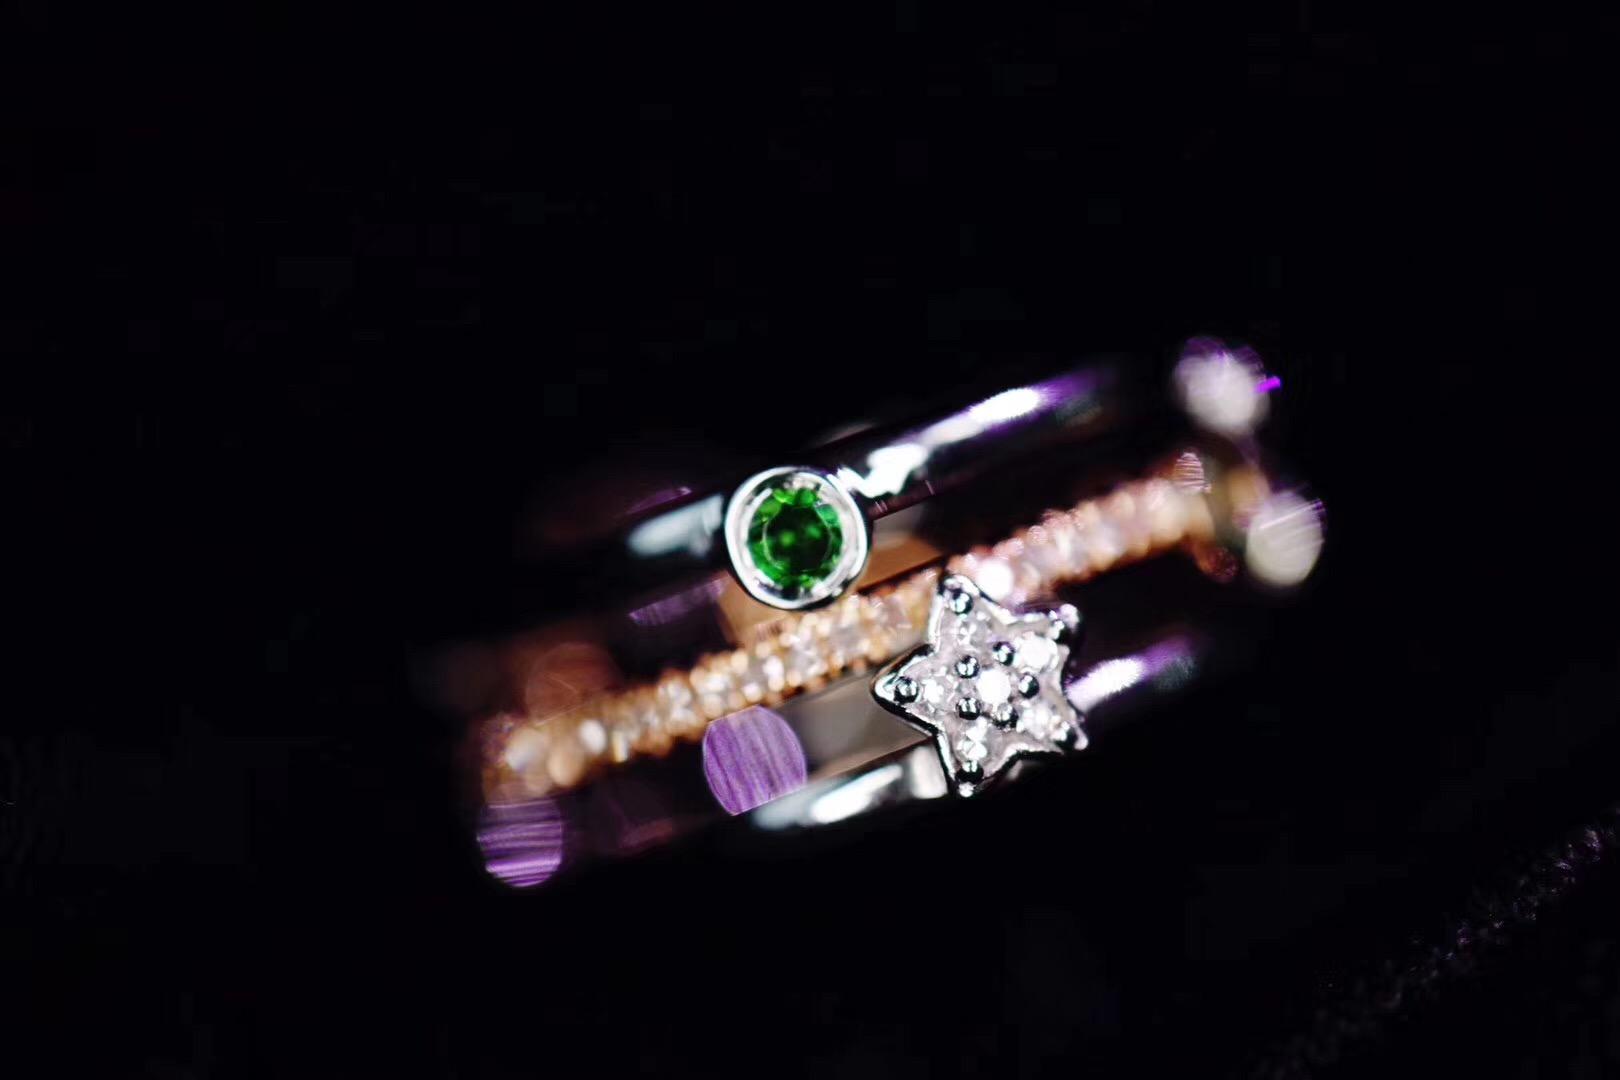 【菩心-碧玺白金钻戒&♎️天秤座】这是一枚流星戒,360度可戴,不需纠结-菩心晶舍